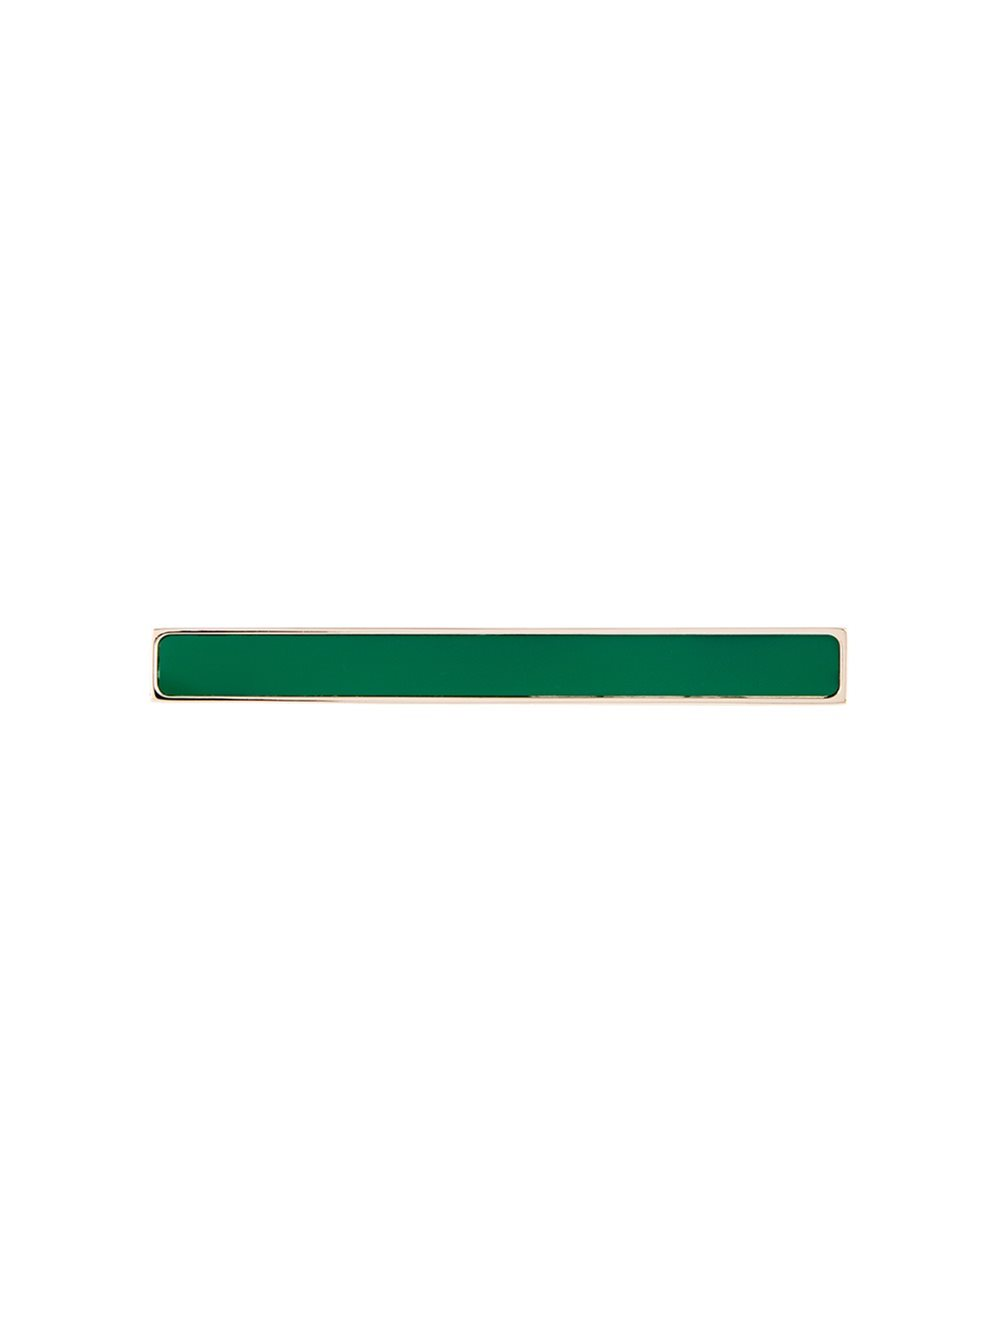 SYLVIO GIARDINA   line brooch. FarFetch. $189.